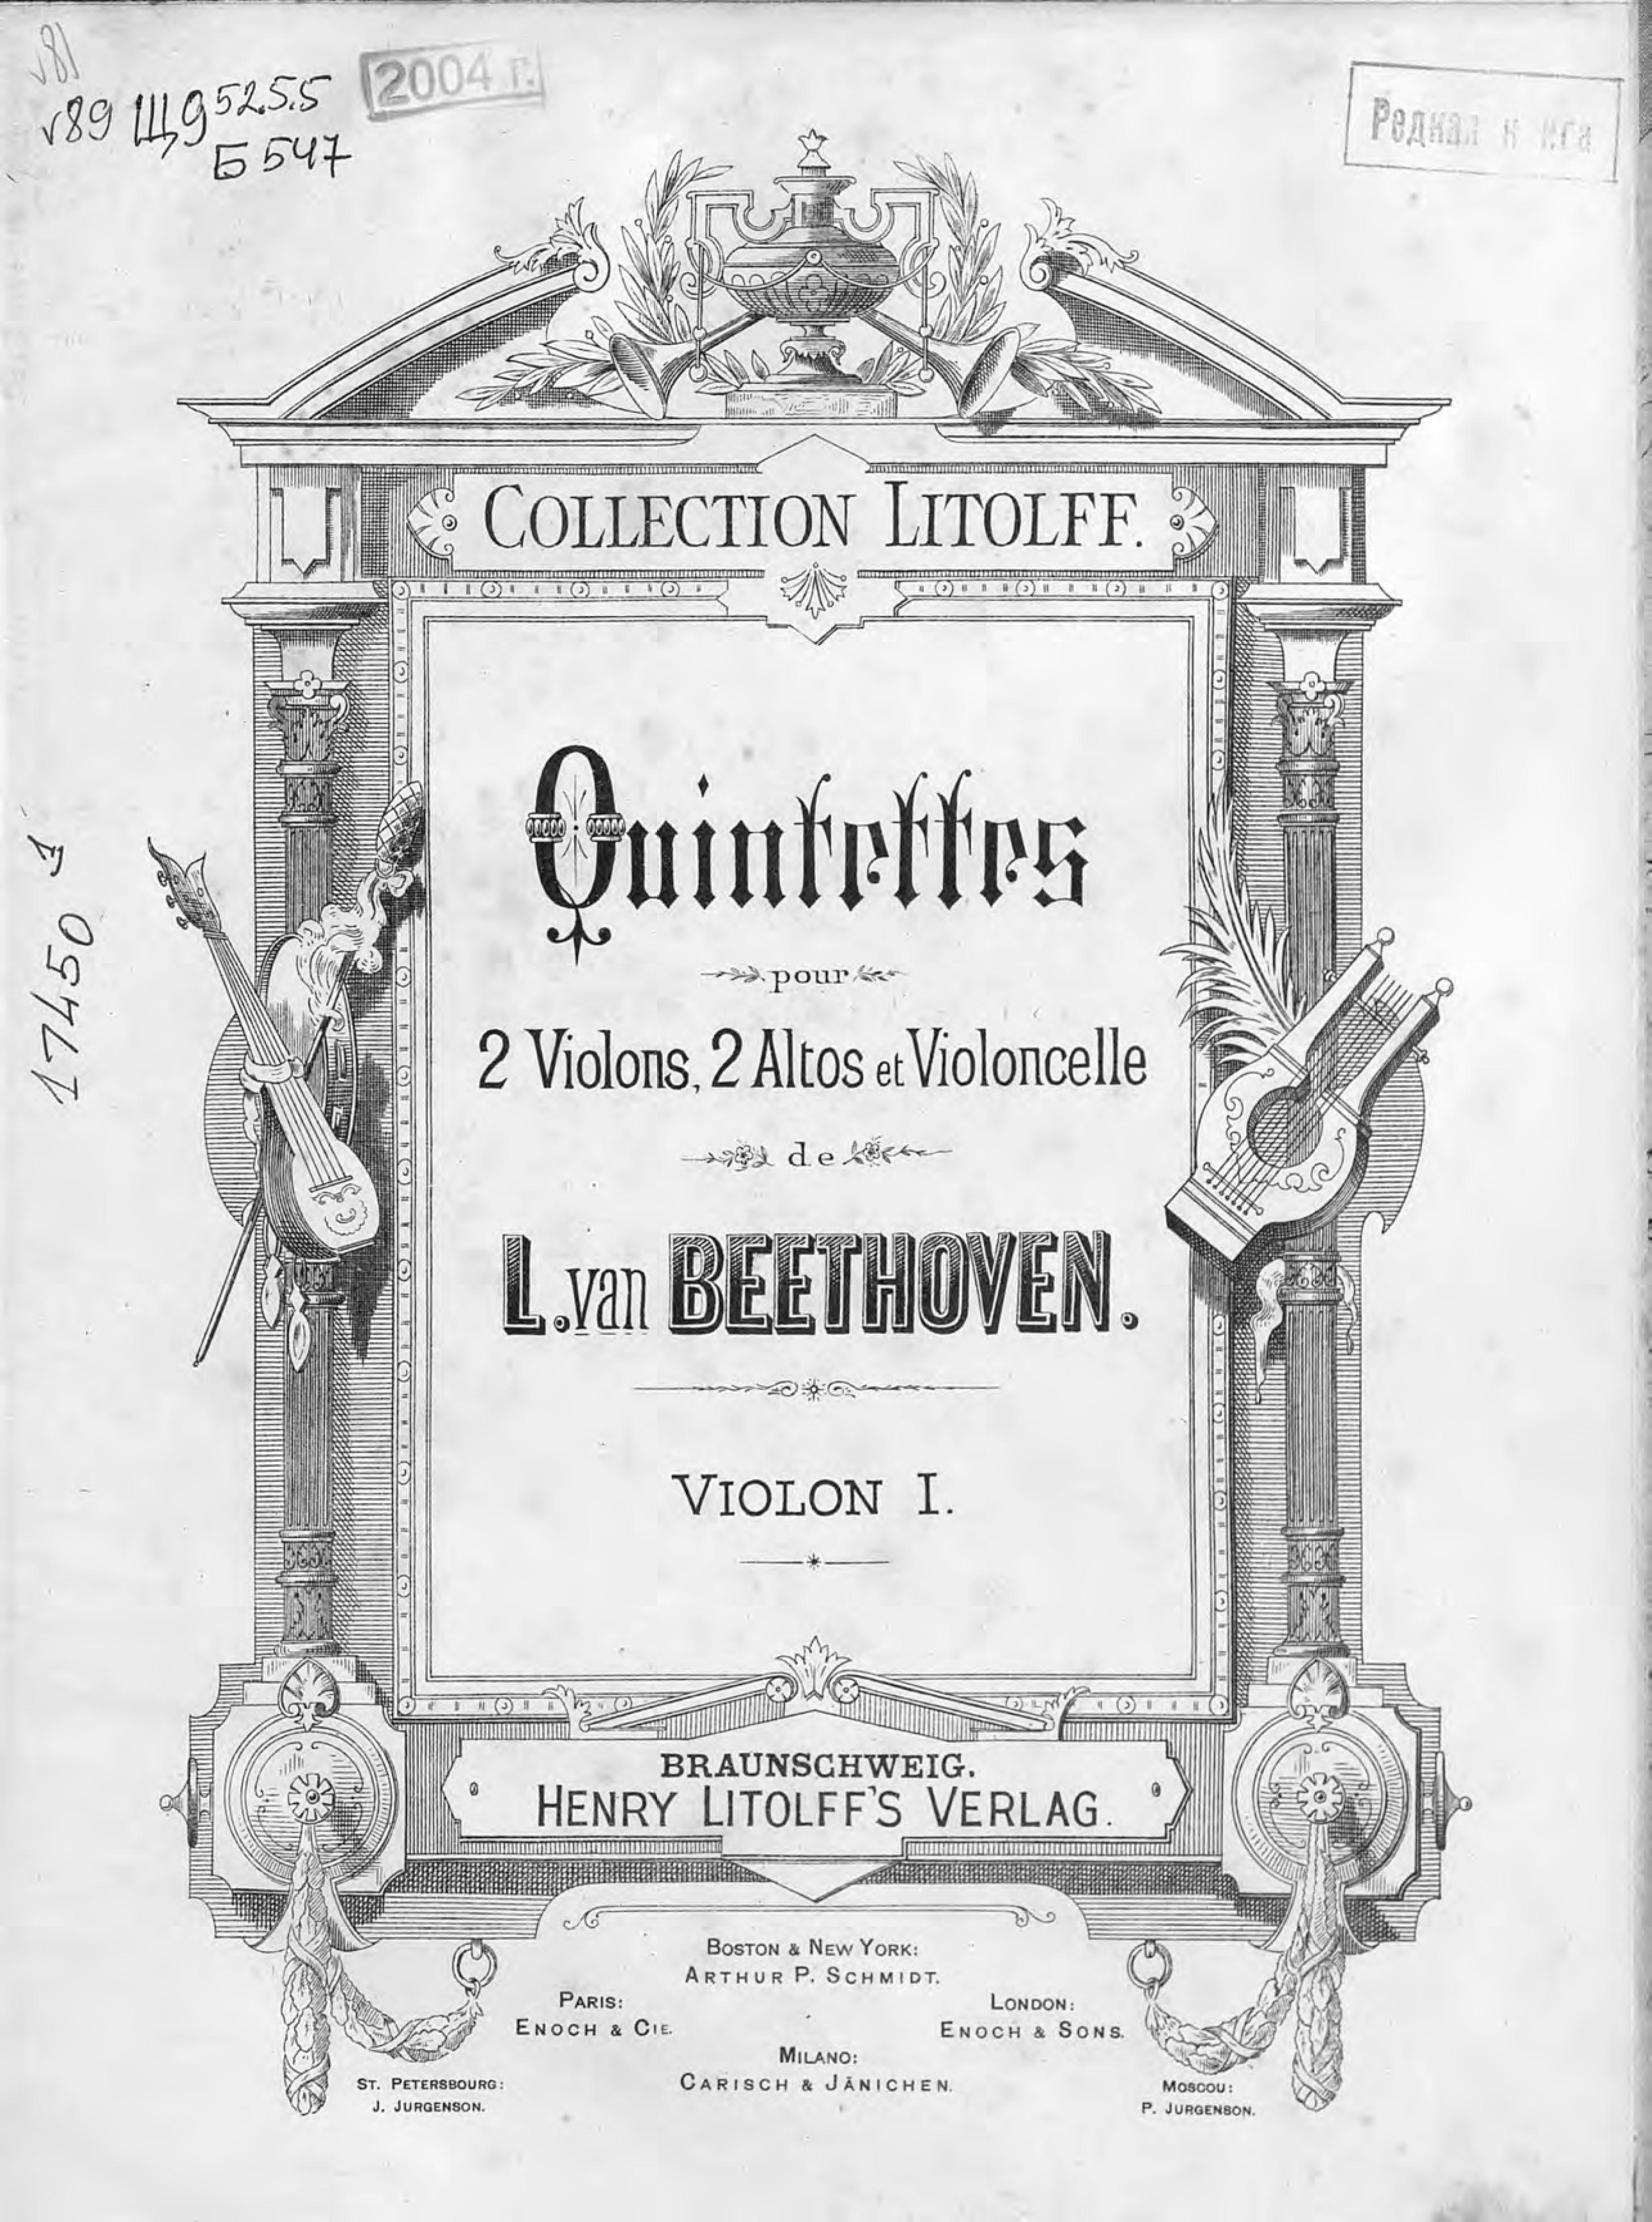 Людвиг ван Бетховен Quintette pour 2 Violons, 2 Altos, et Violoncelle de L. van Beethoven сергей иванович танеев sixieme quatuor sib pour 2 violons alto et violoncelle par s taneiew